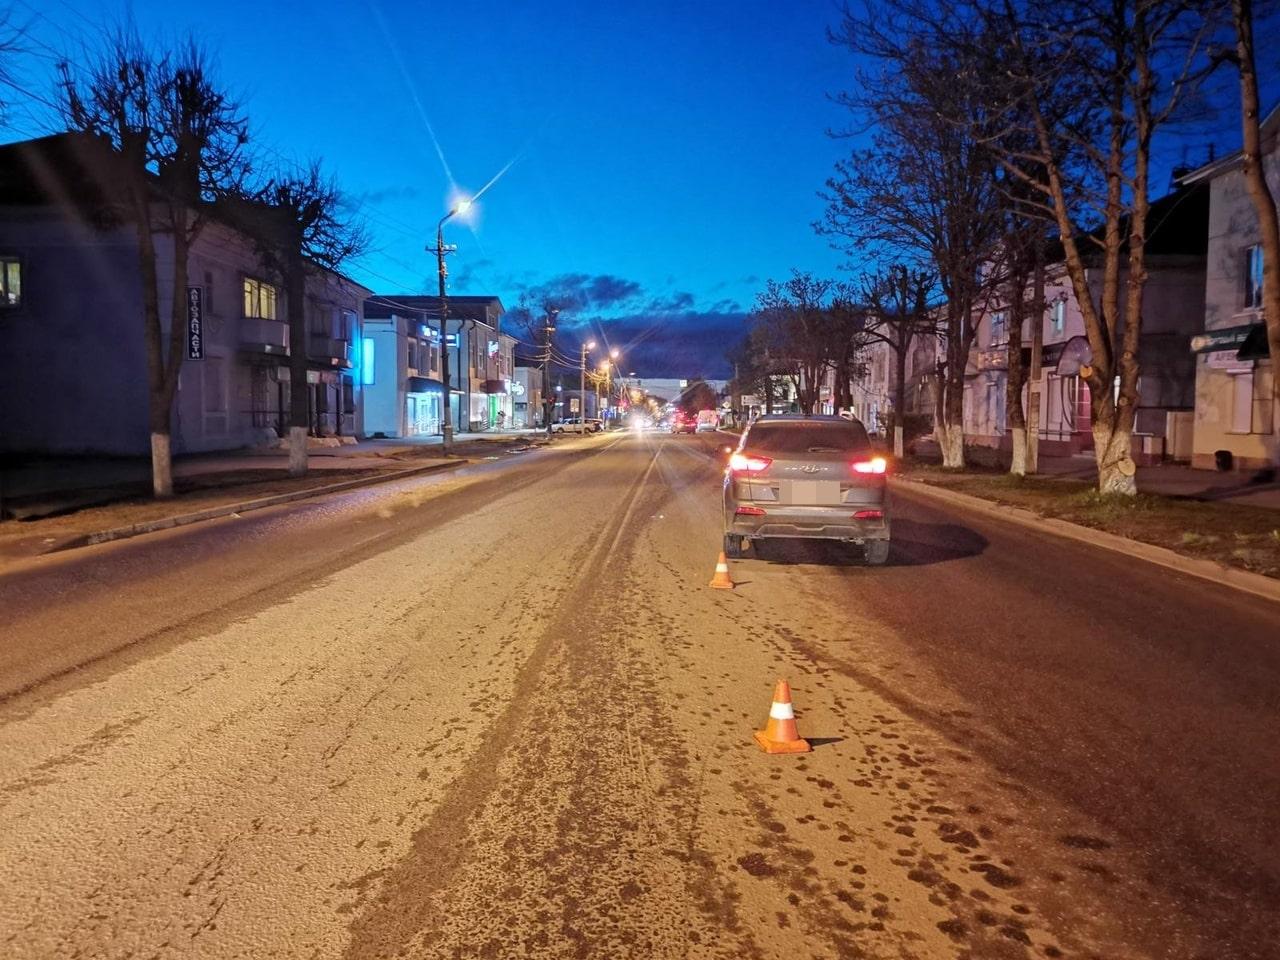 Пешеход-нарушитель попал под колёса машины в Тверской области